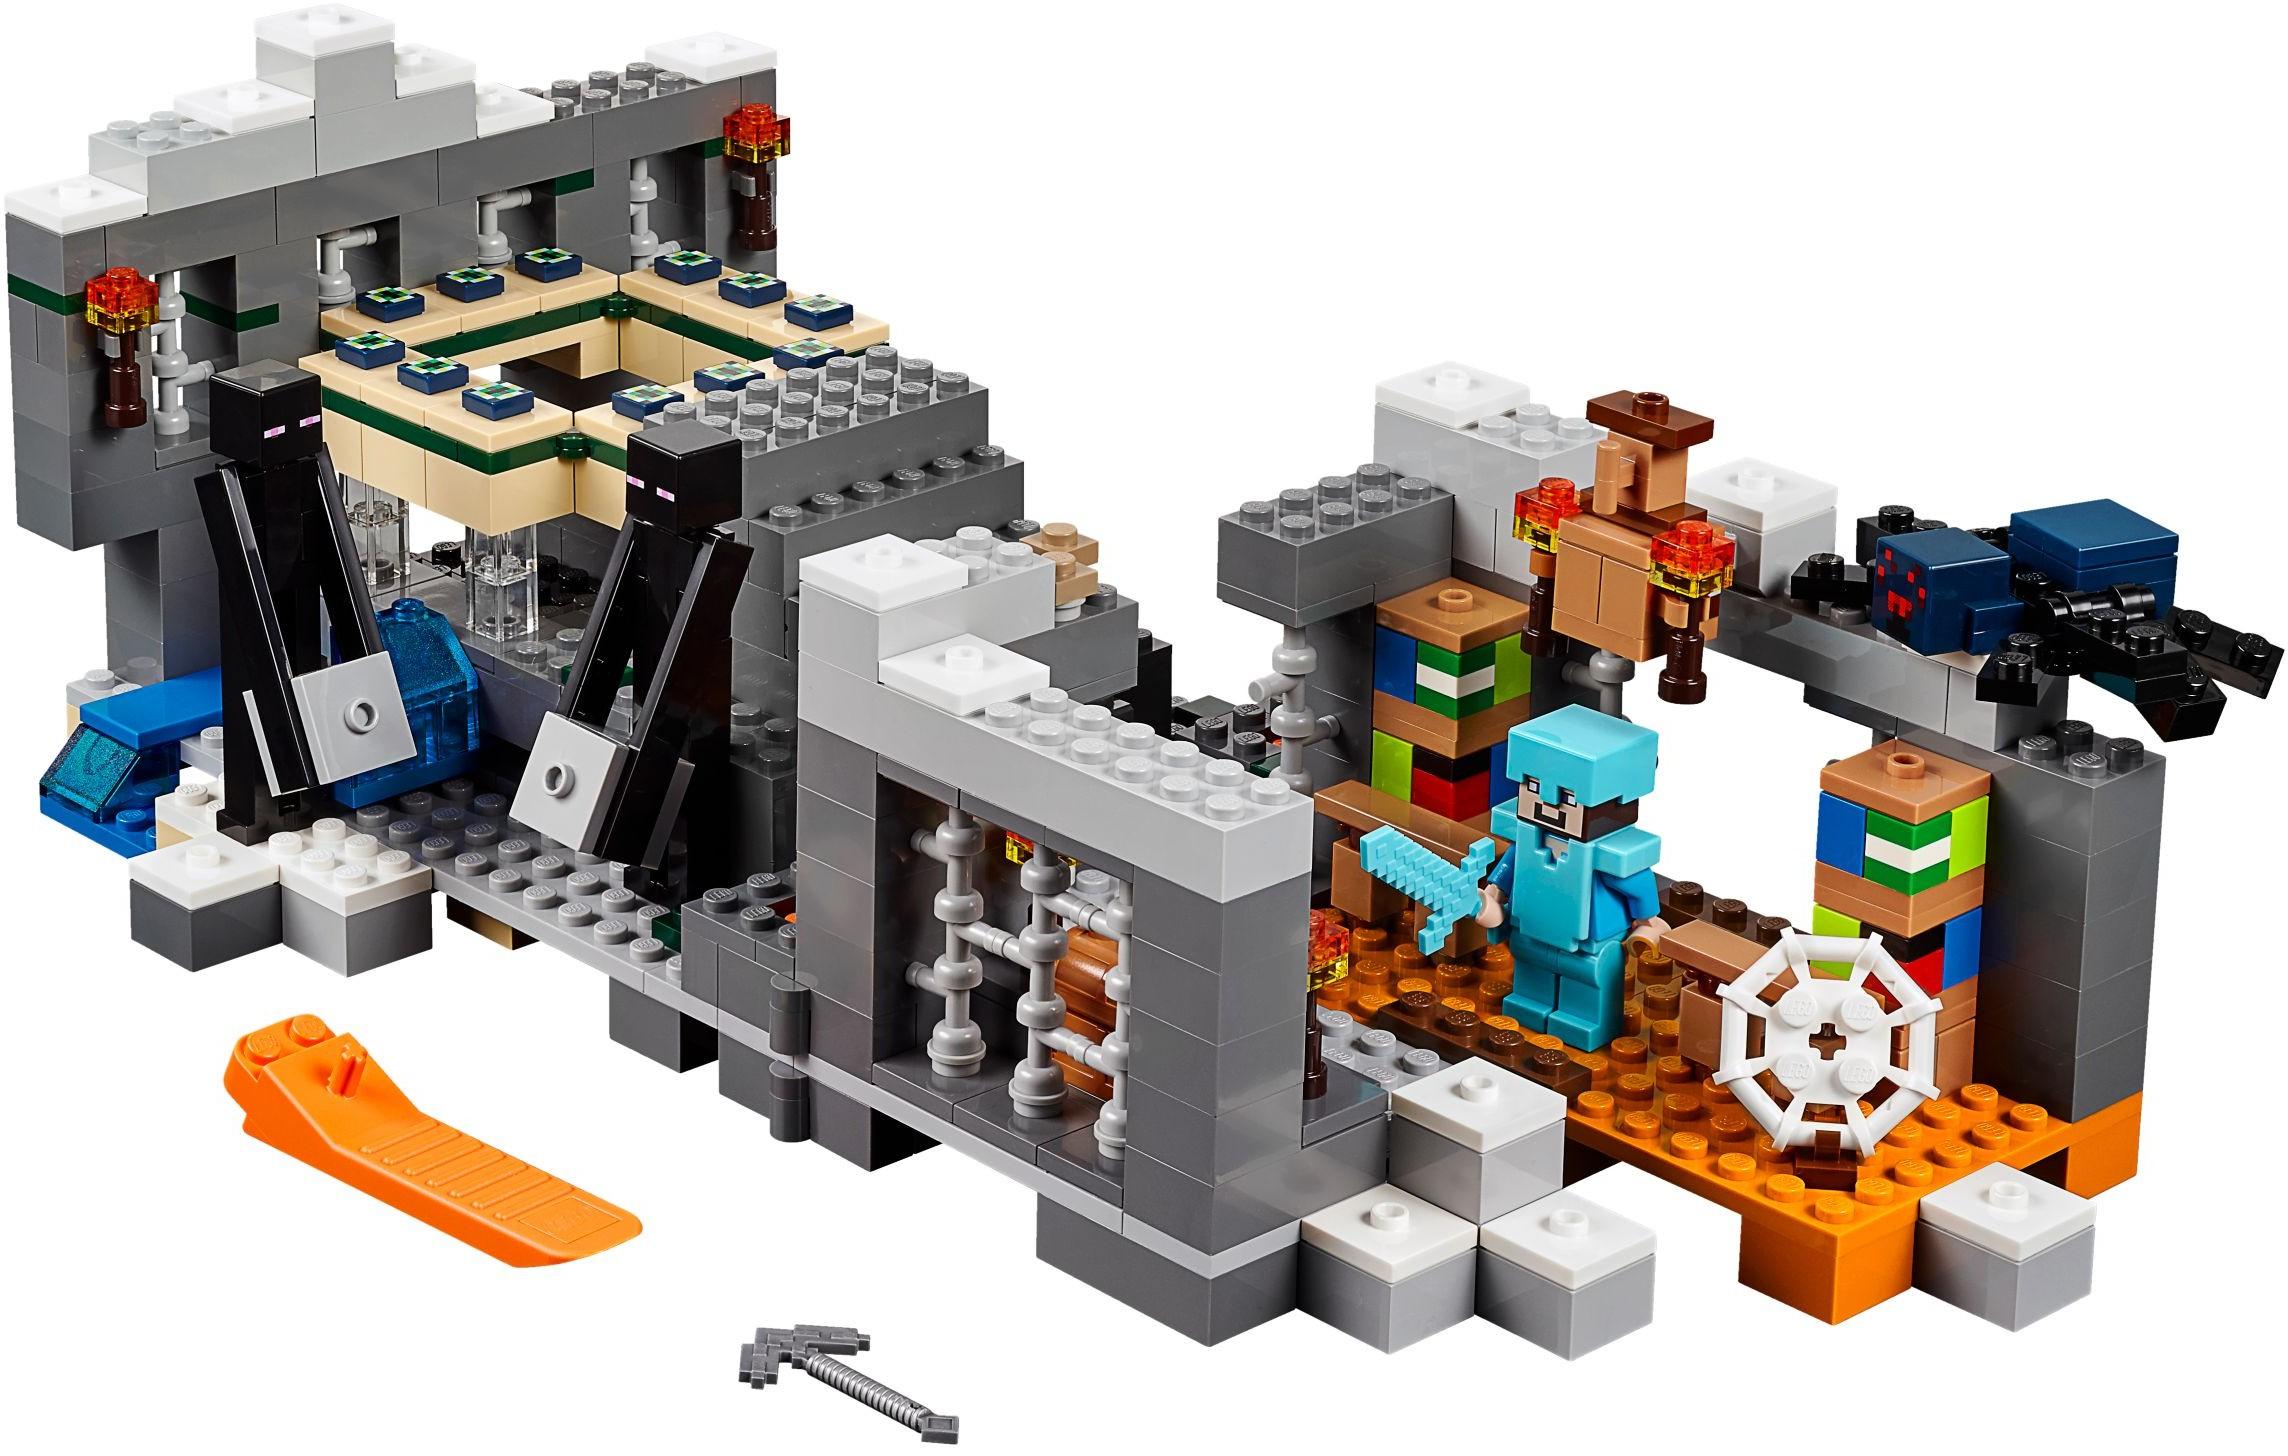 Minecraft  Minifig-scale  Brickset: LEGO set guide and database